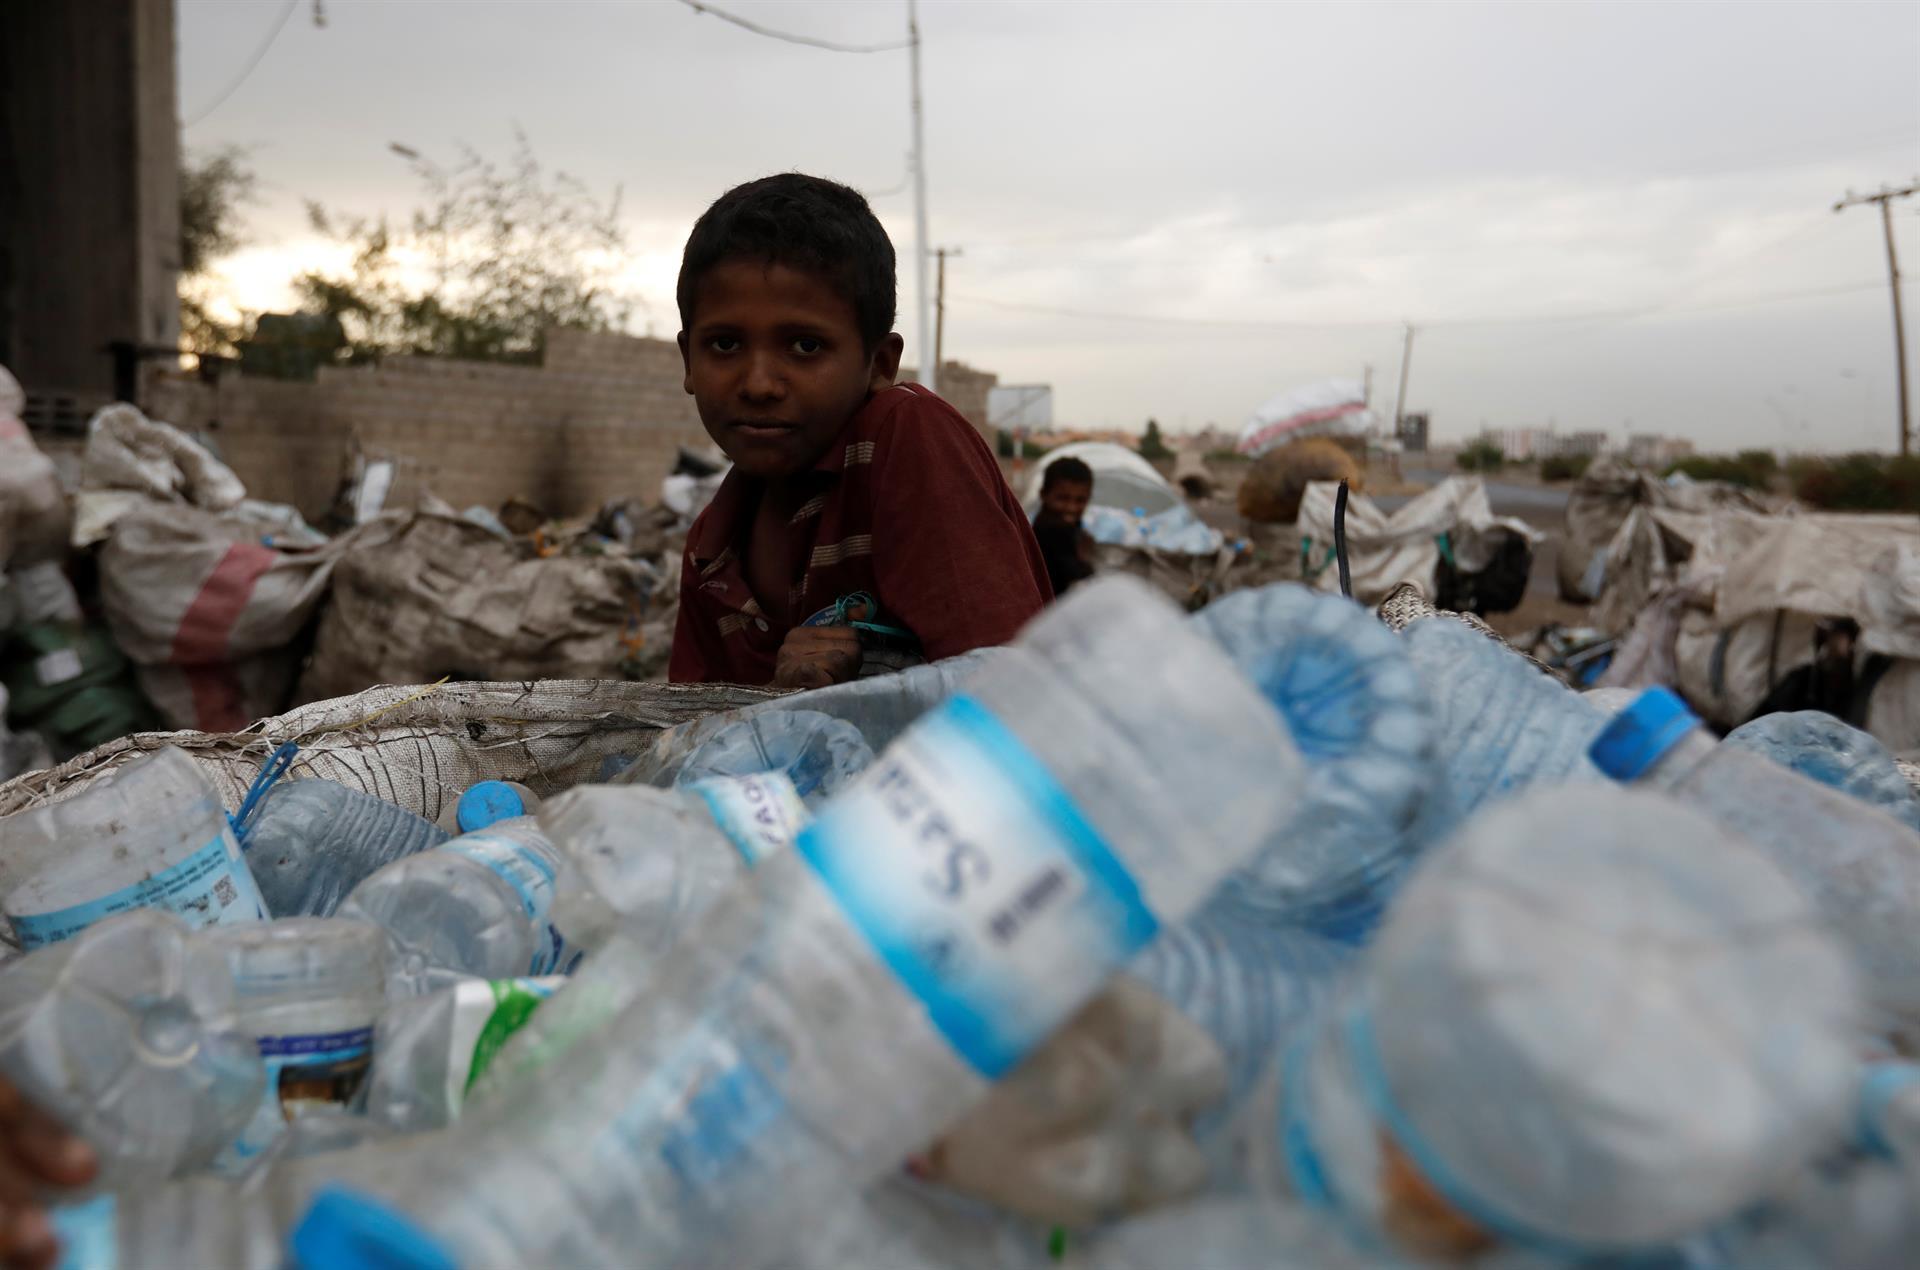 NIños de Yemen trabajando en un centro de reciclaje.- EFE